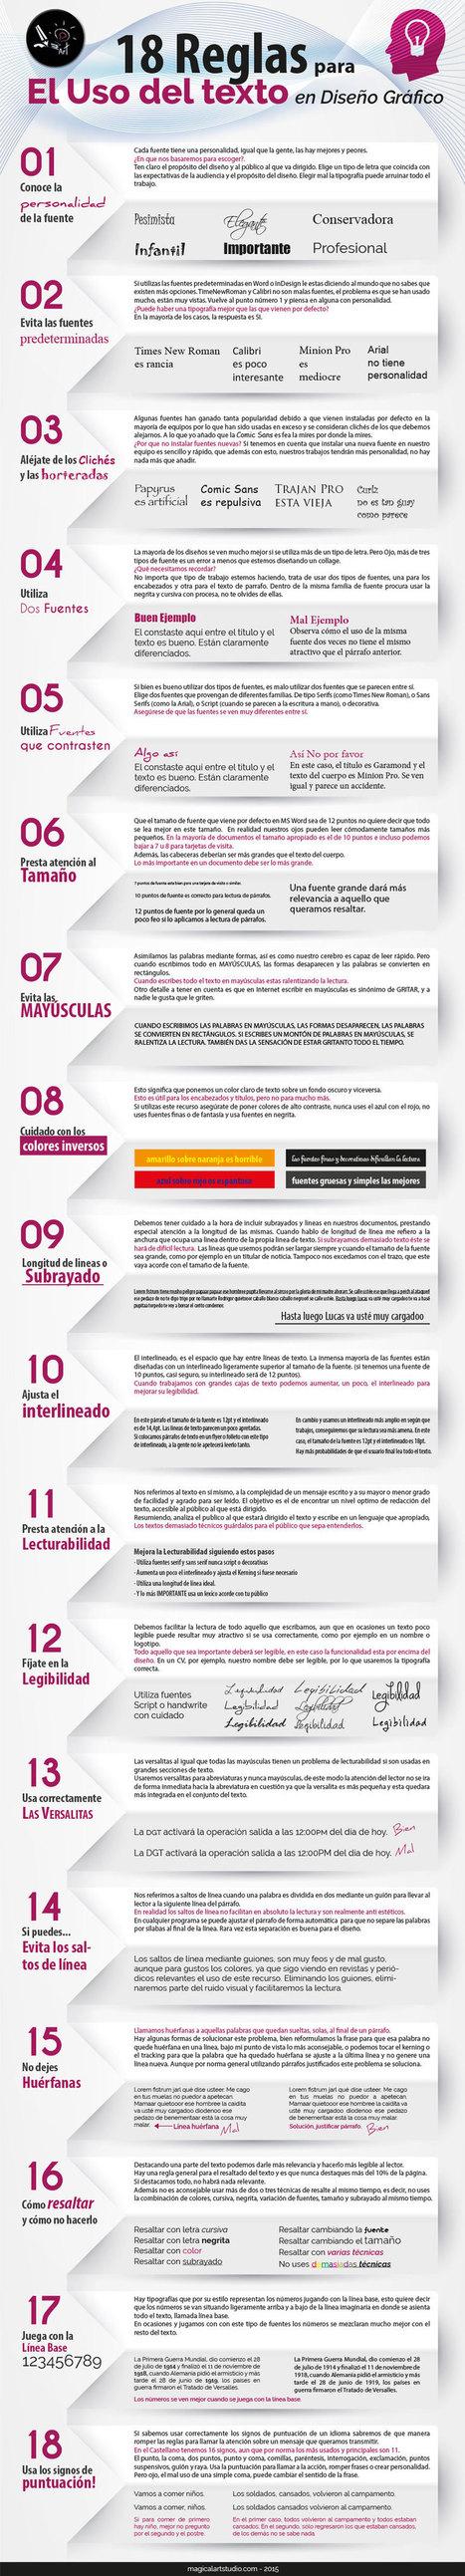 18 reglas para el uso de Texto en Diseño Gráfico #infografia #infographic #design | Educación con tecnología | Scoop.it